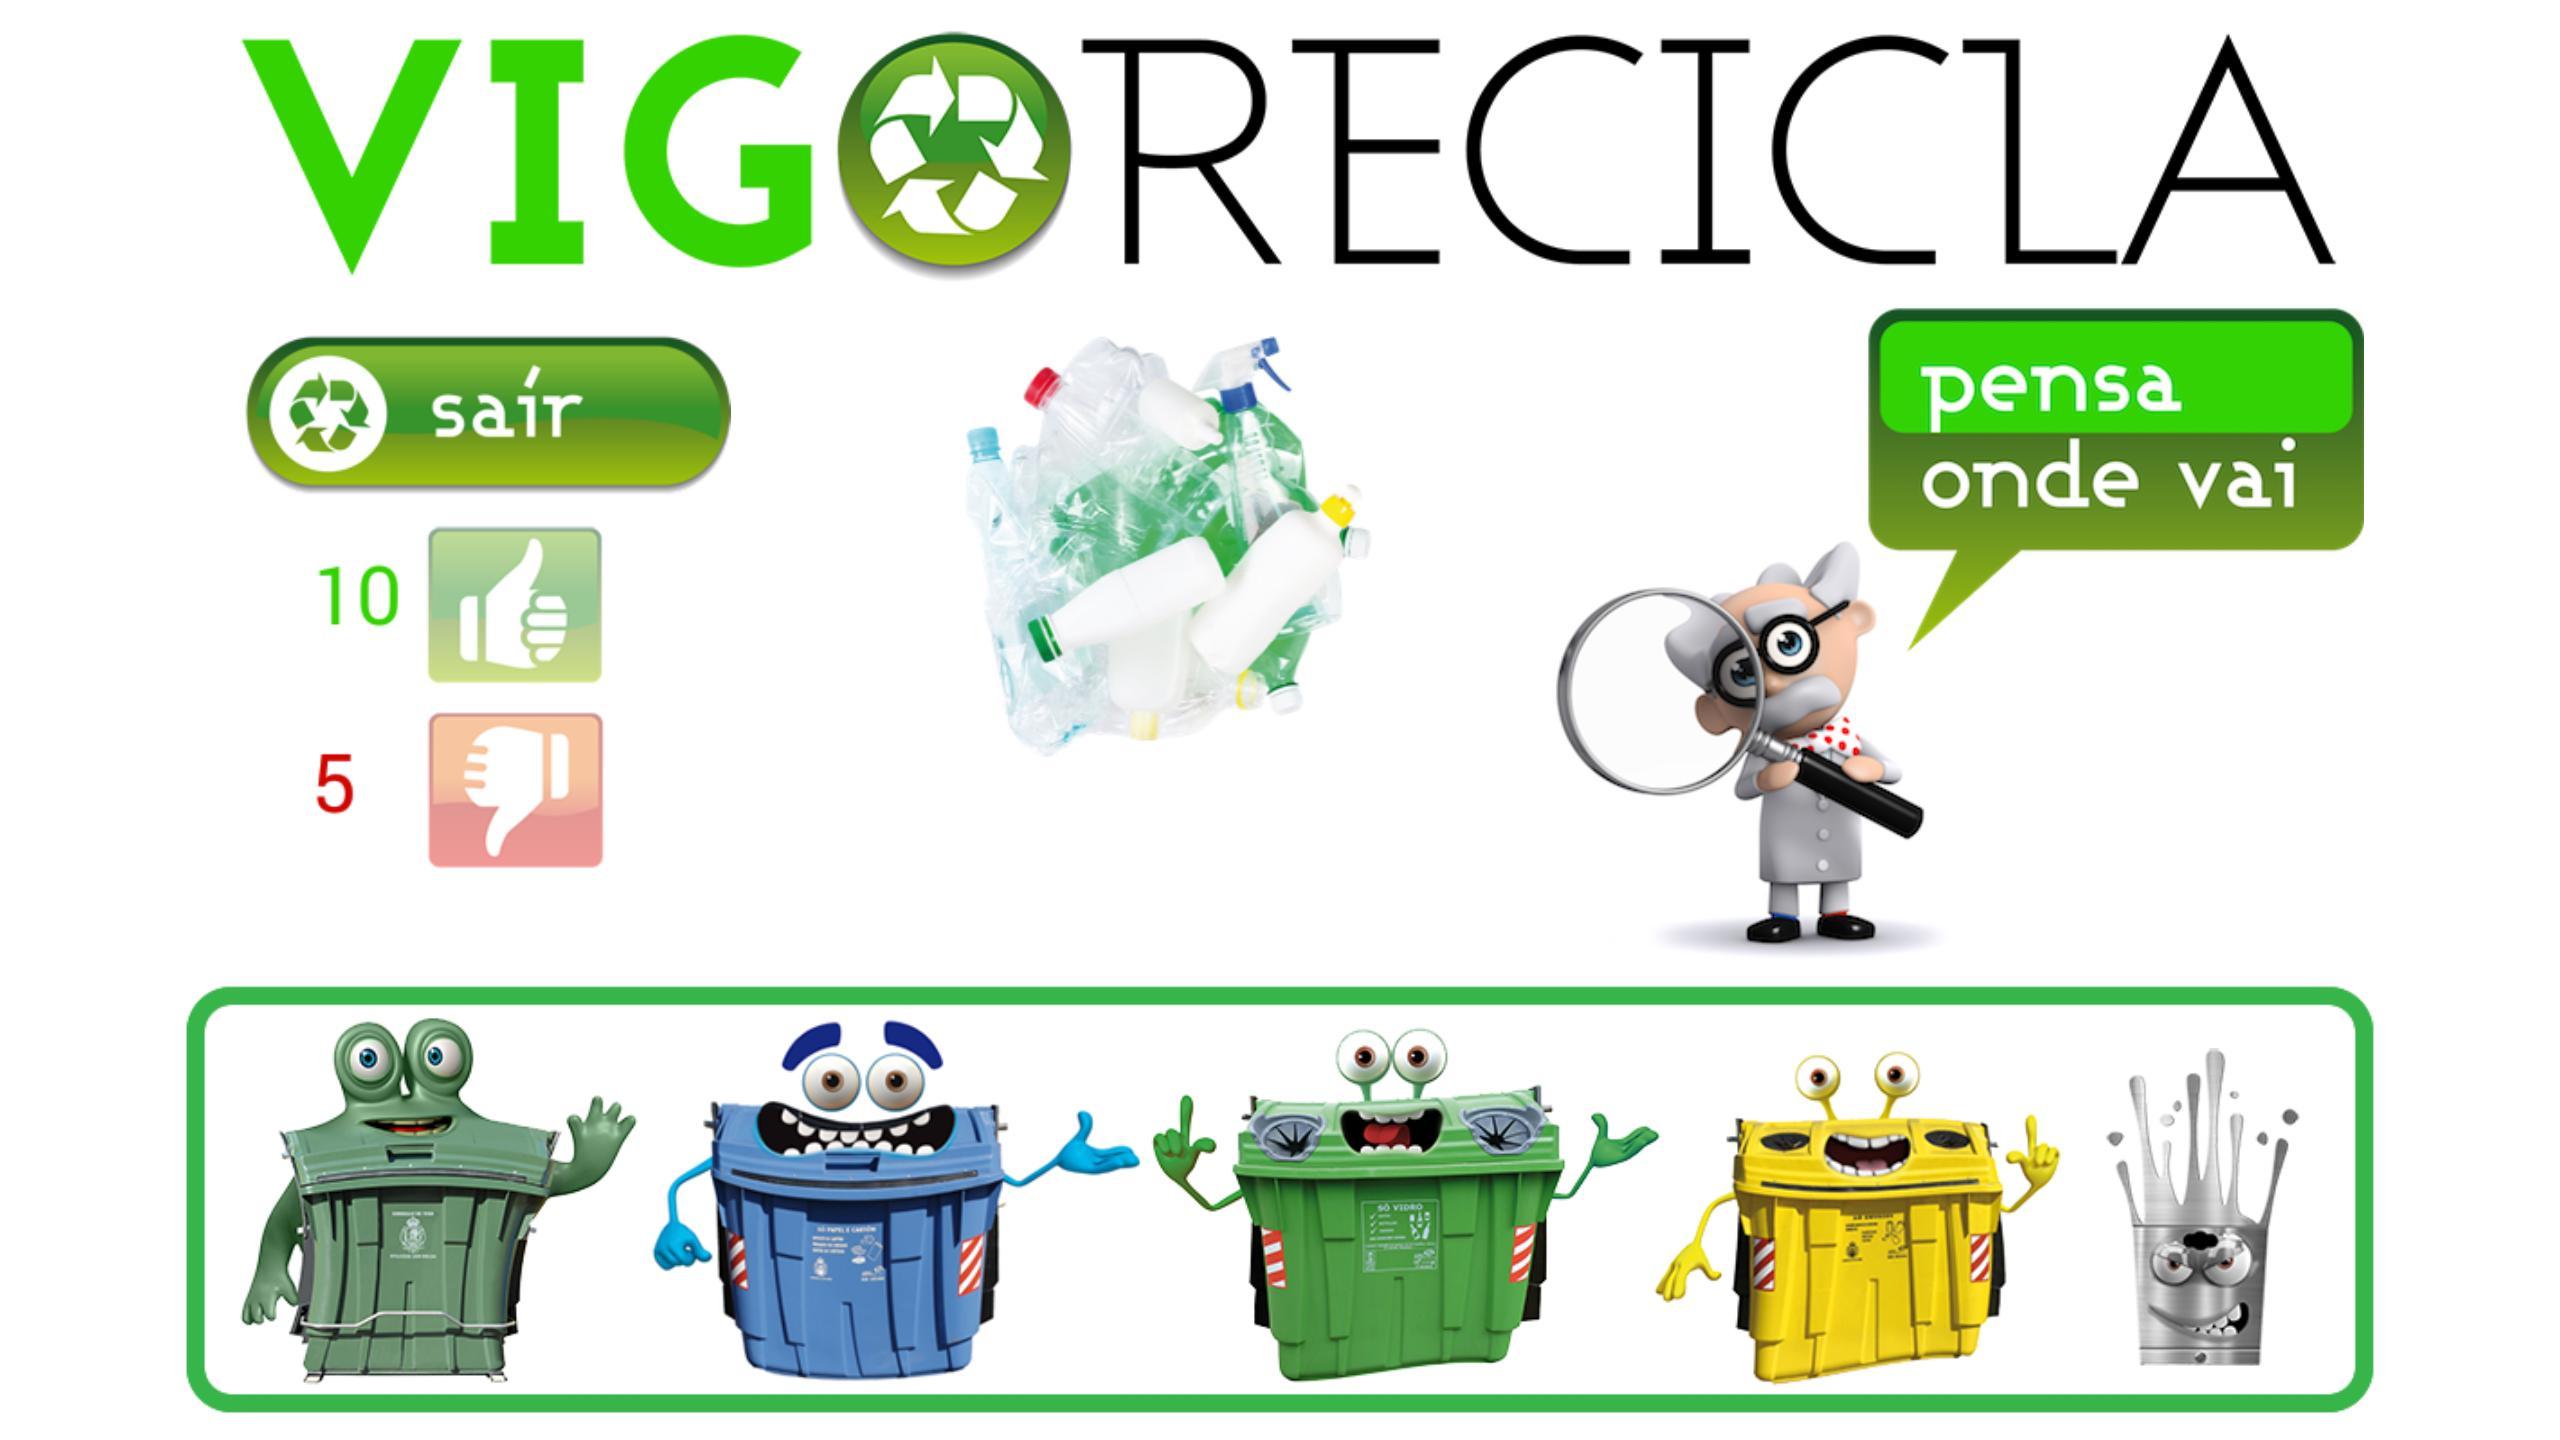 vigo recicla 2